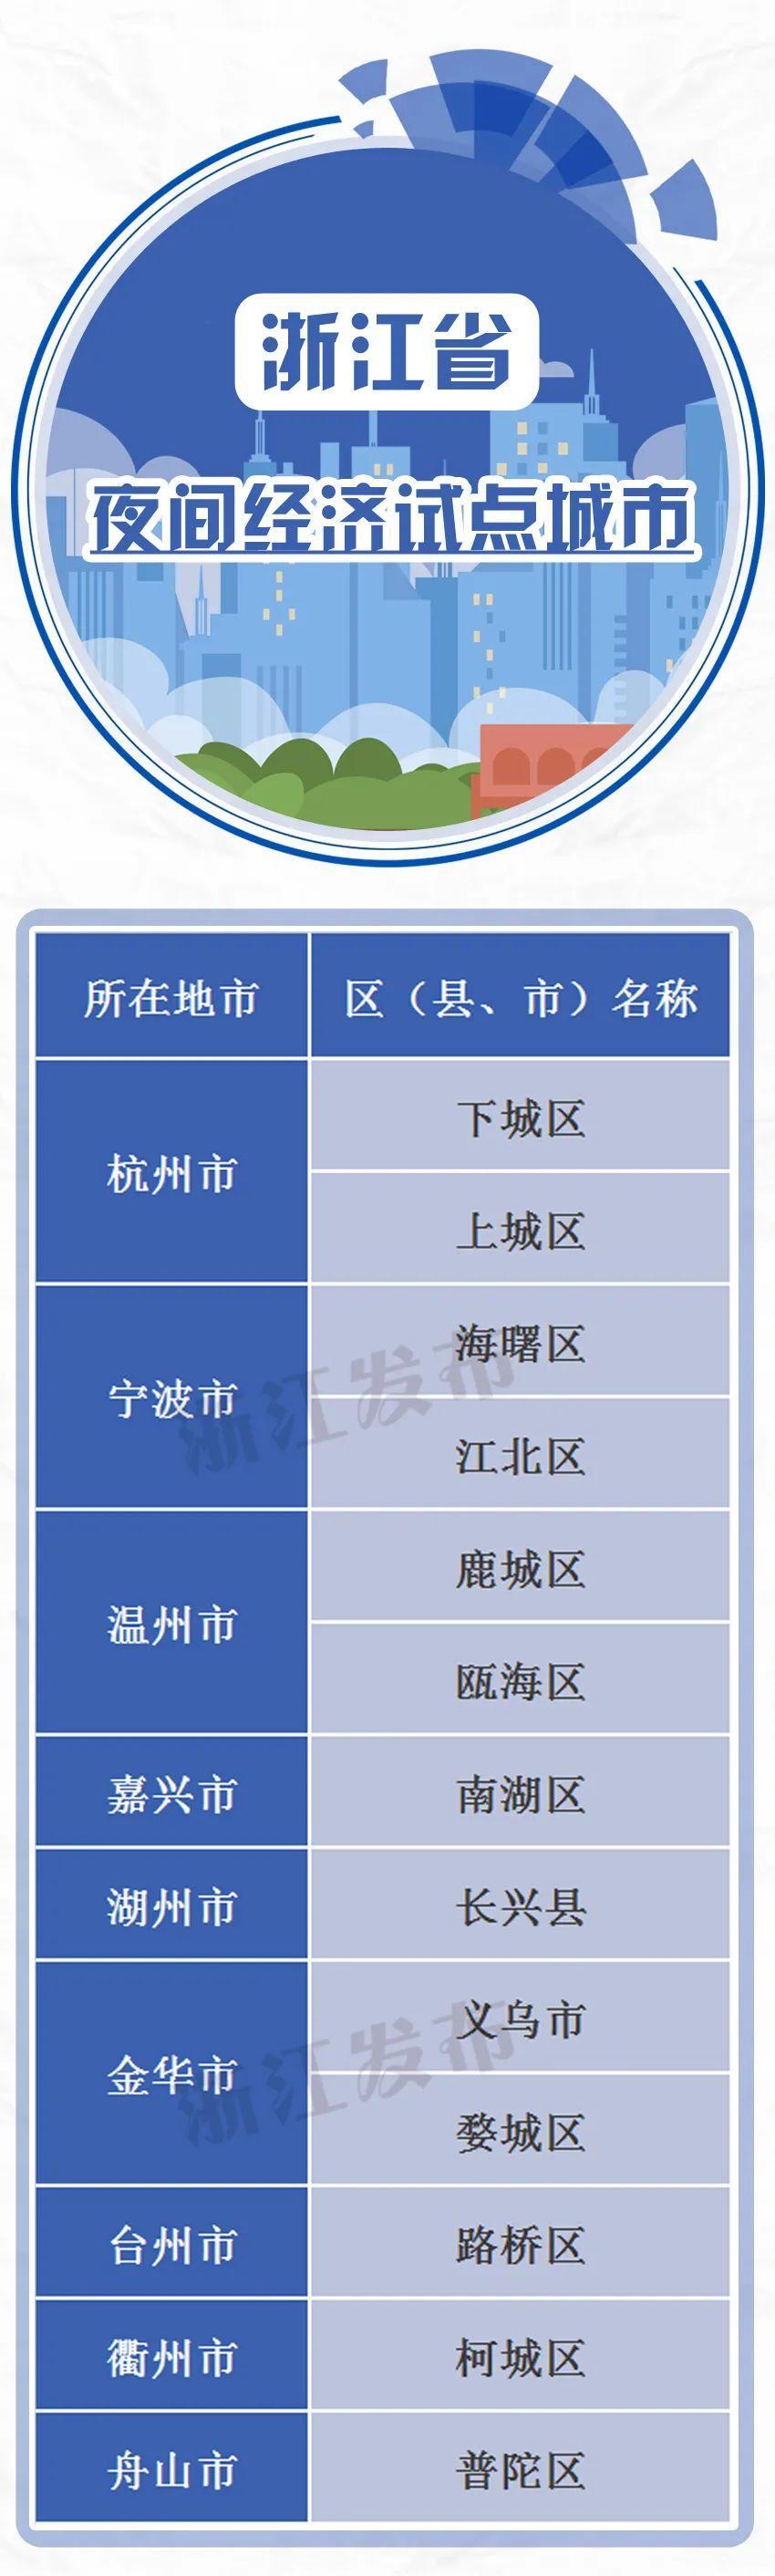 浙江省级夜间经济试点(培育)城市出炉,还将重点建设50个夜坐标!杭州哪些上榜?